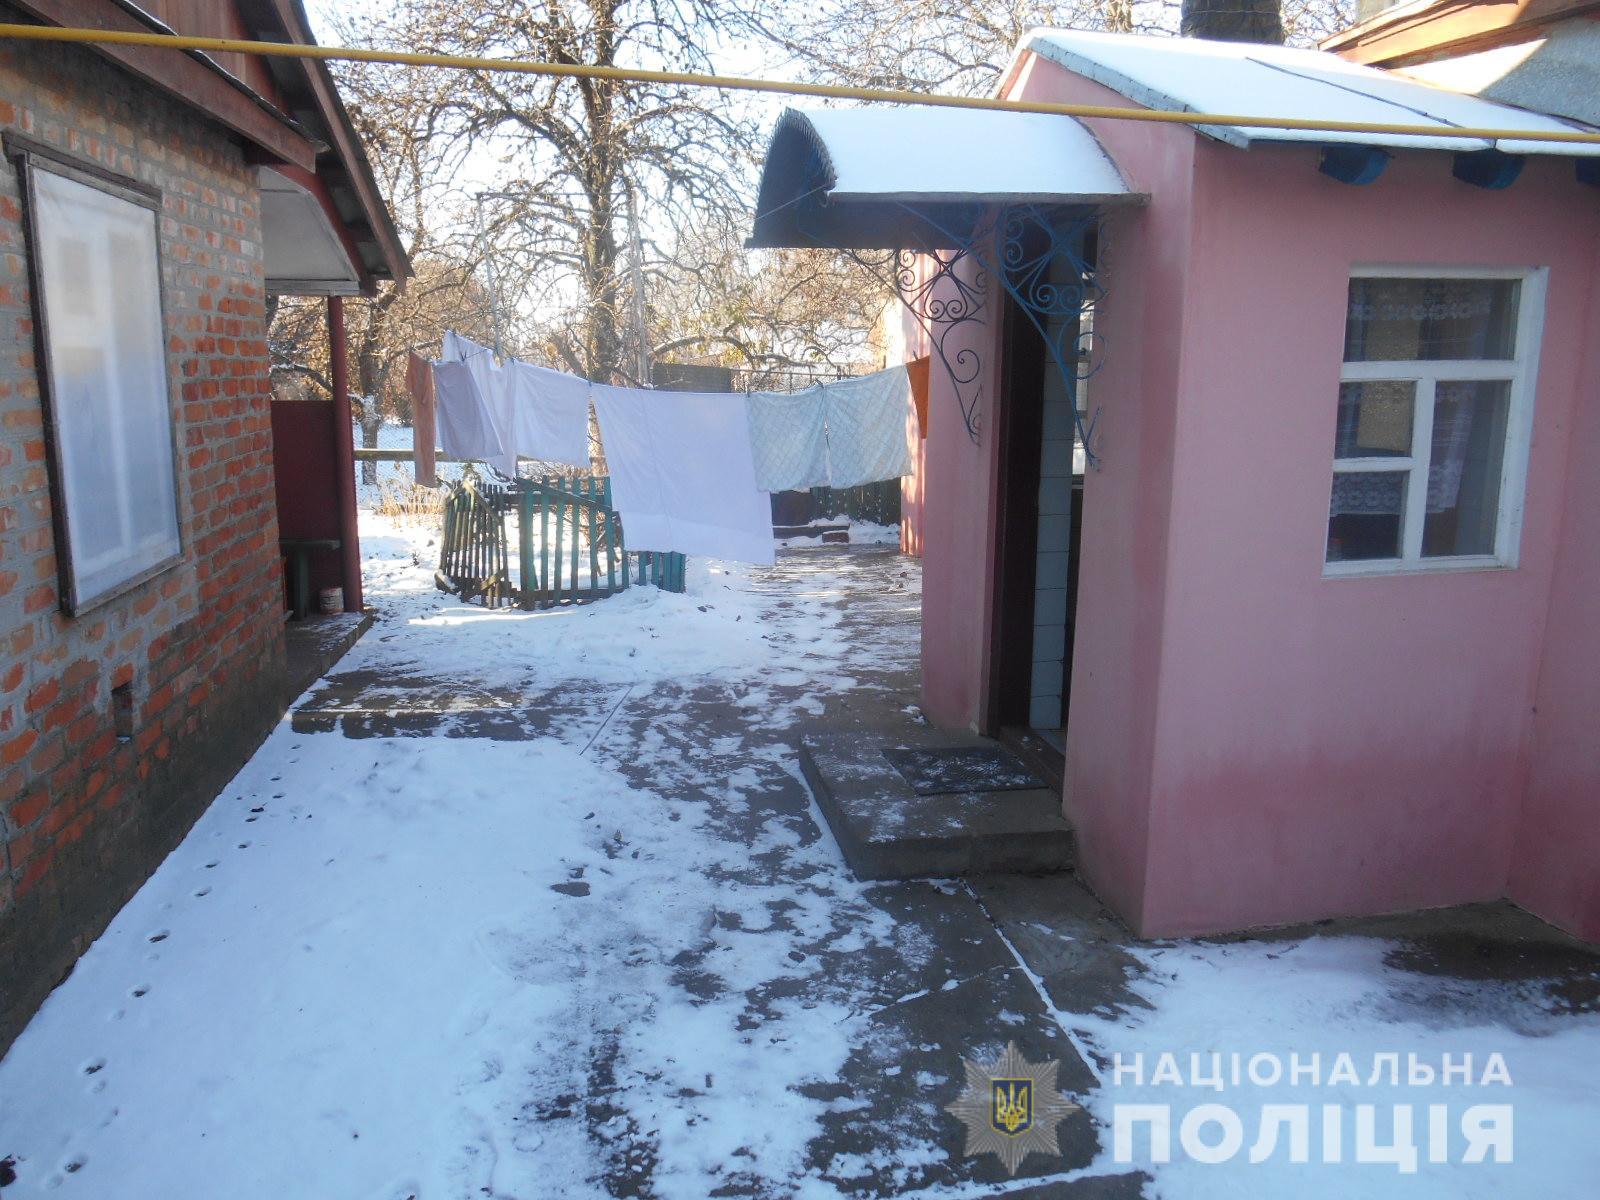 На Харьковщине грабитель с топором отобрал сбережения пенсионерки